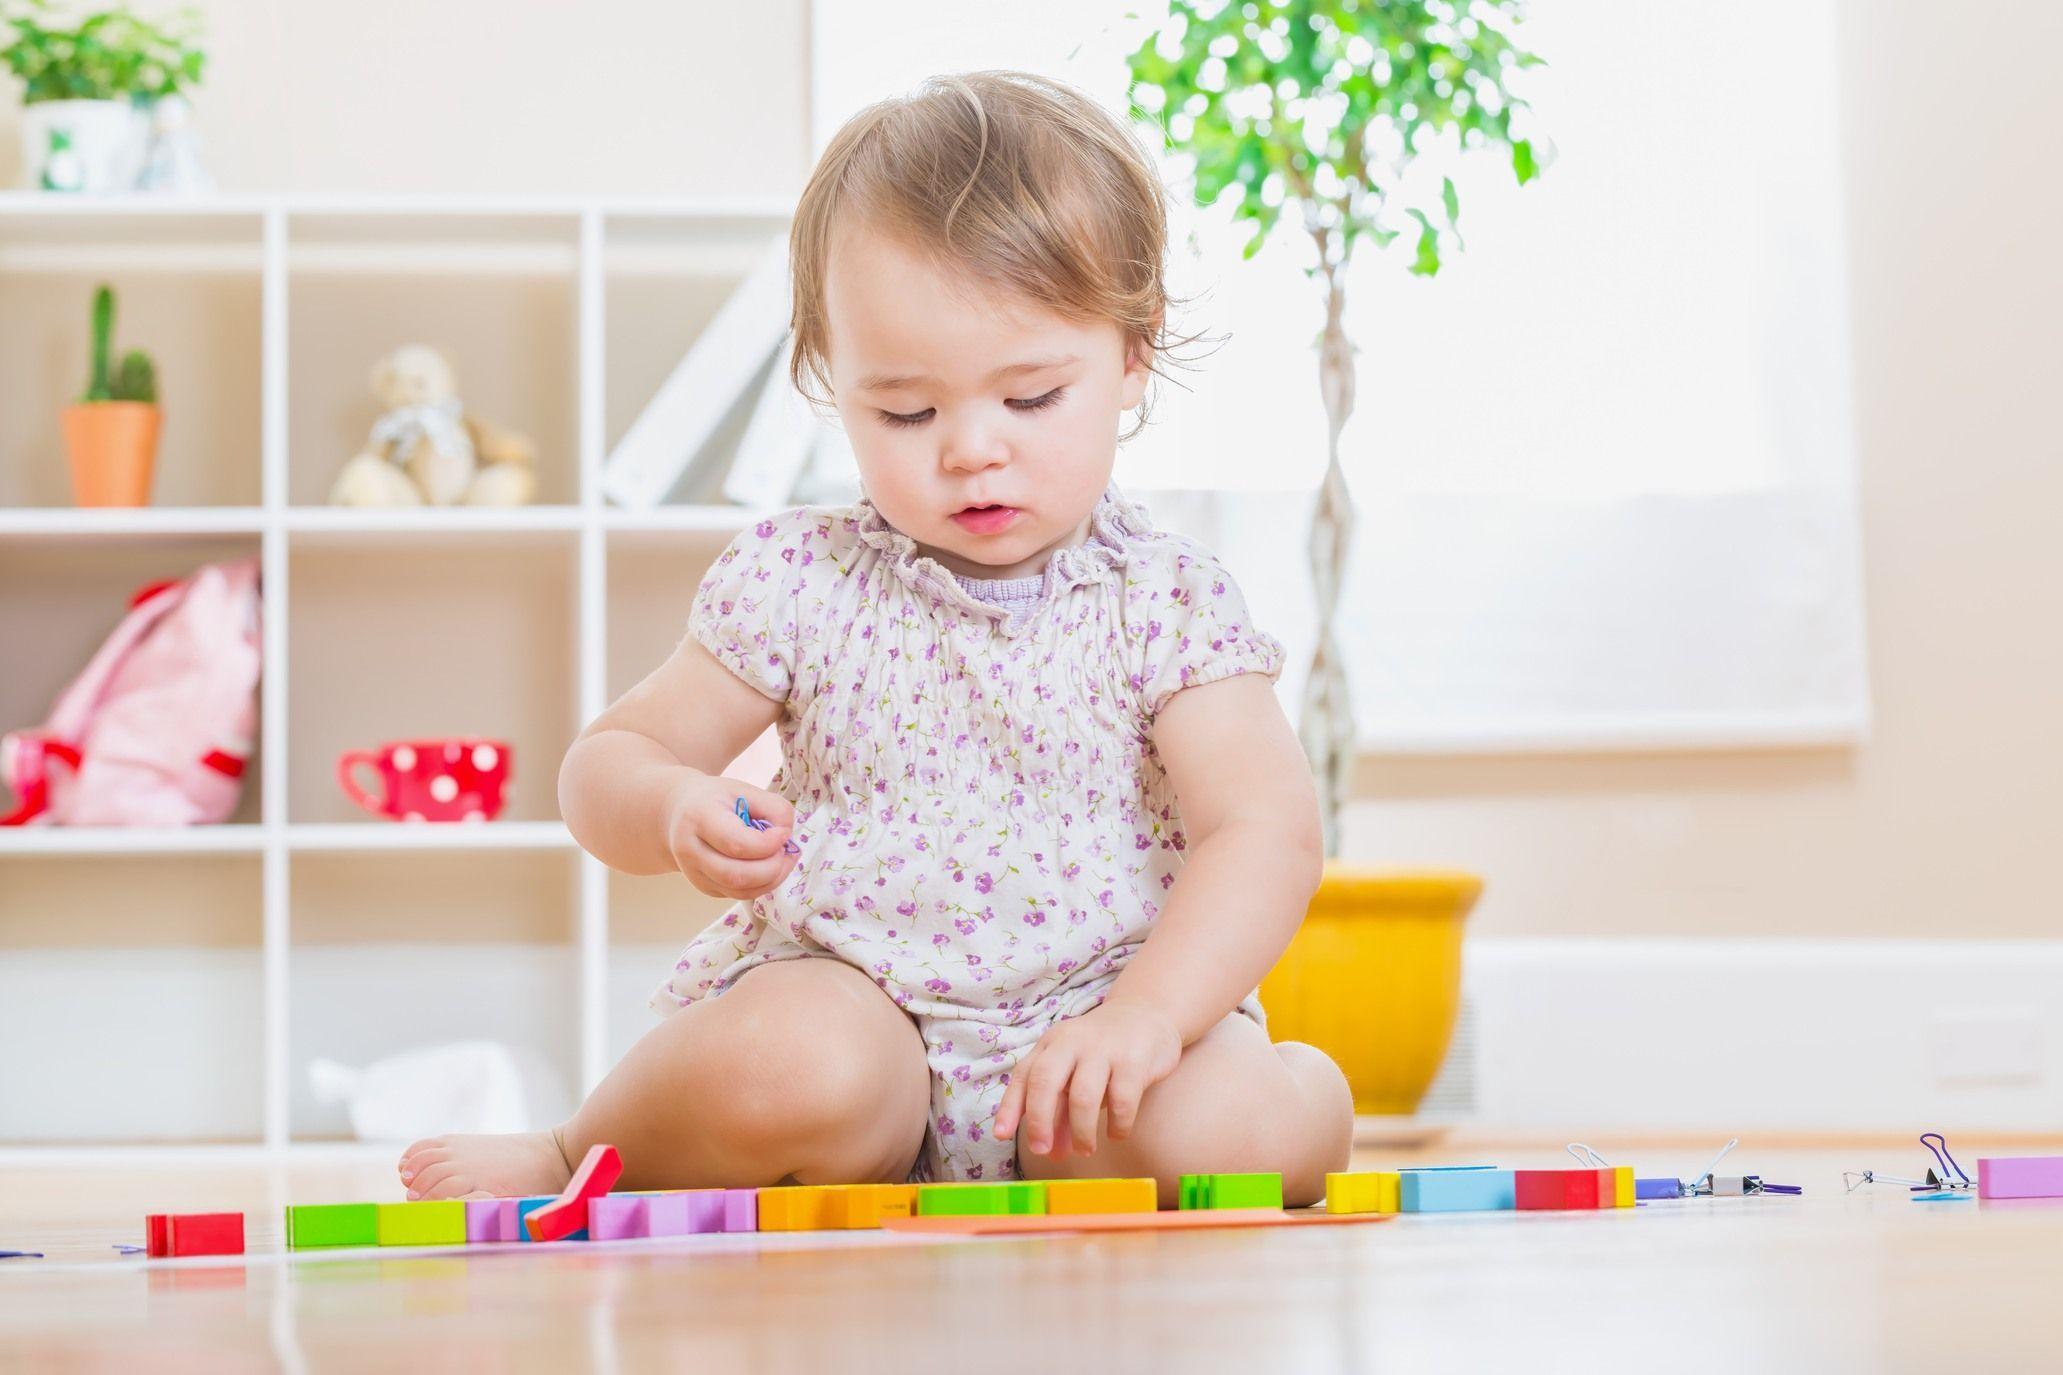 Bébé A 10 Mois : Développement, Éveil, Motricité, Santé Et à Jeux Pour Les Bébé De 1 Ans